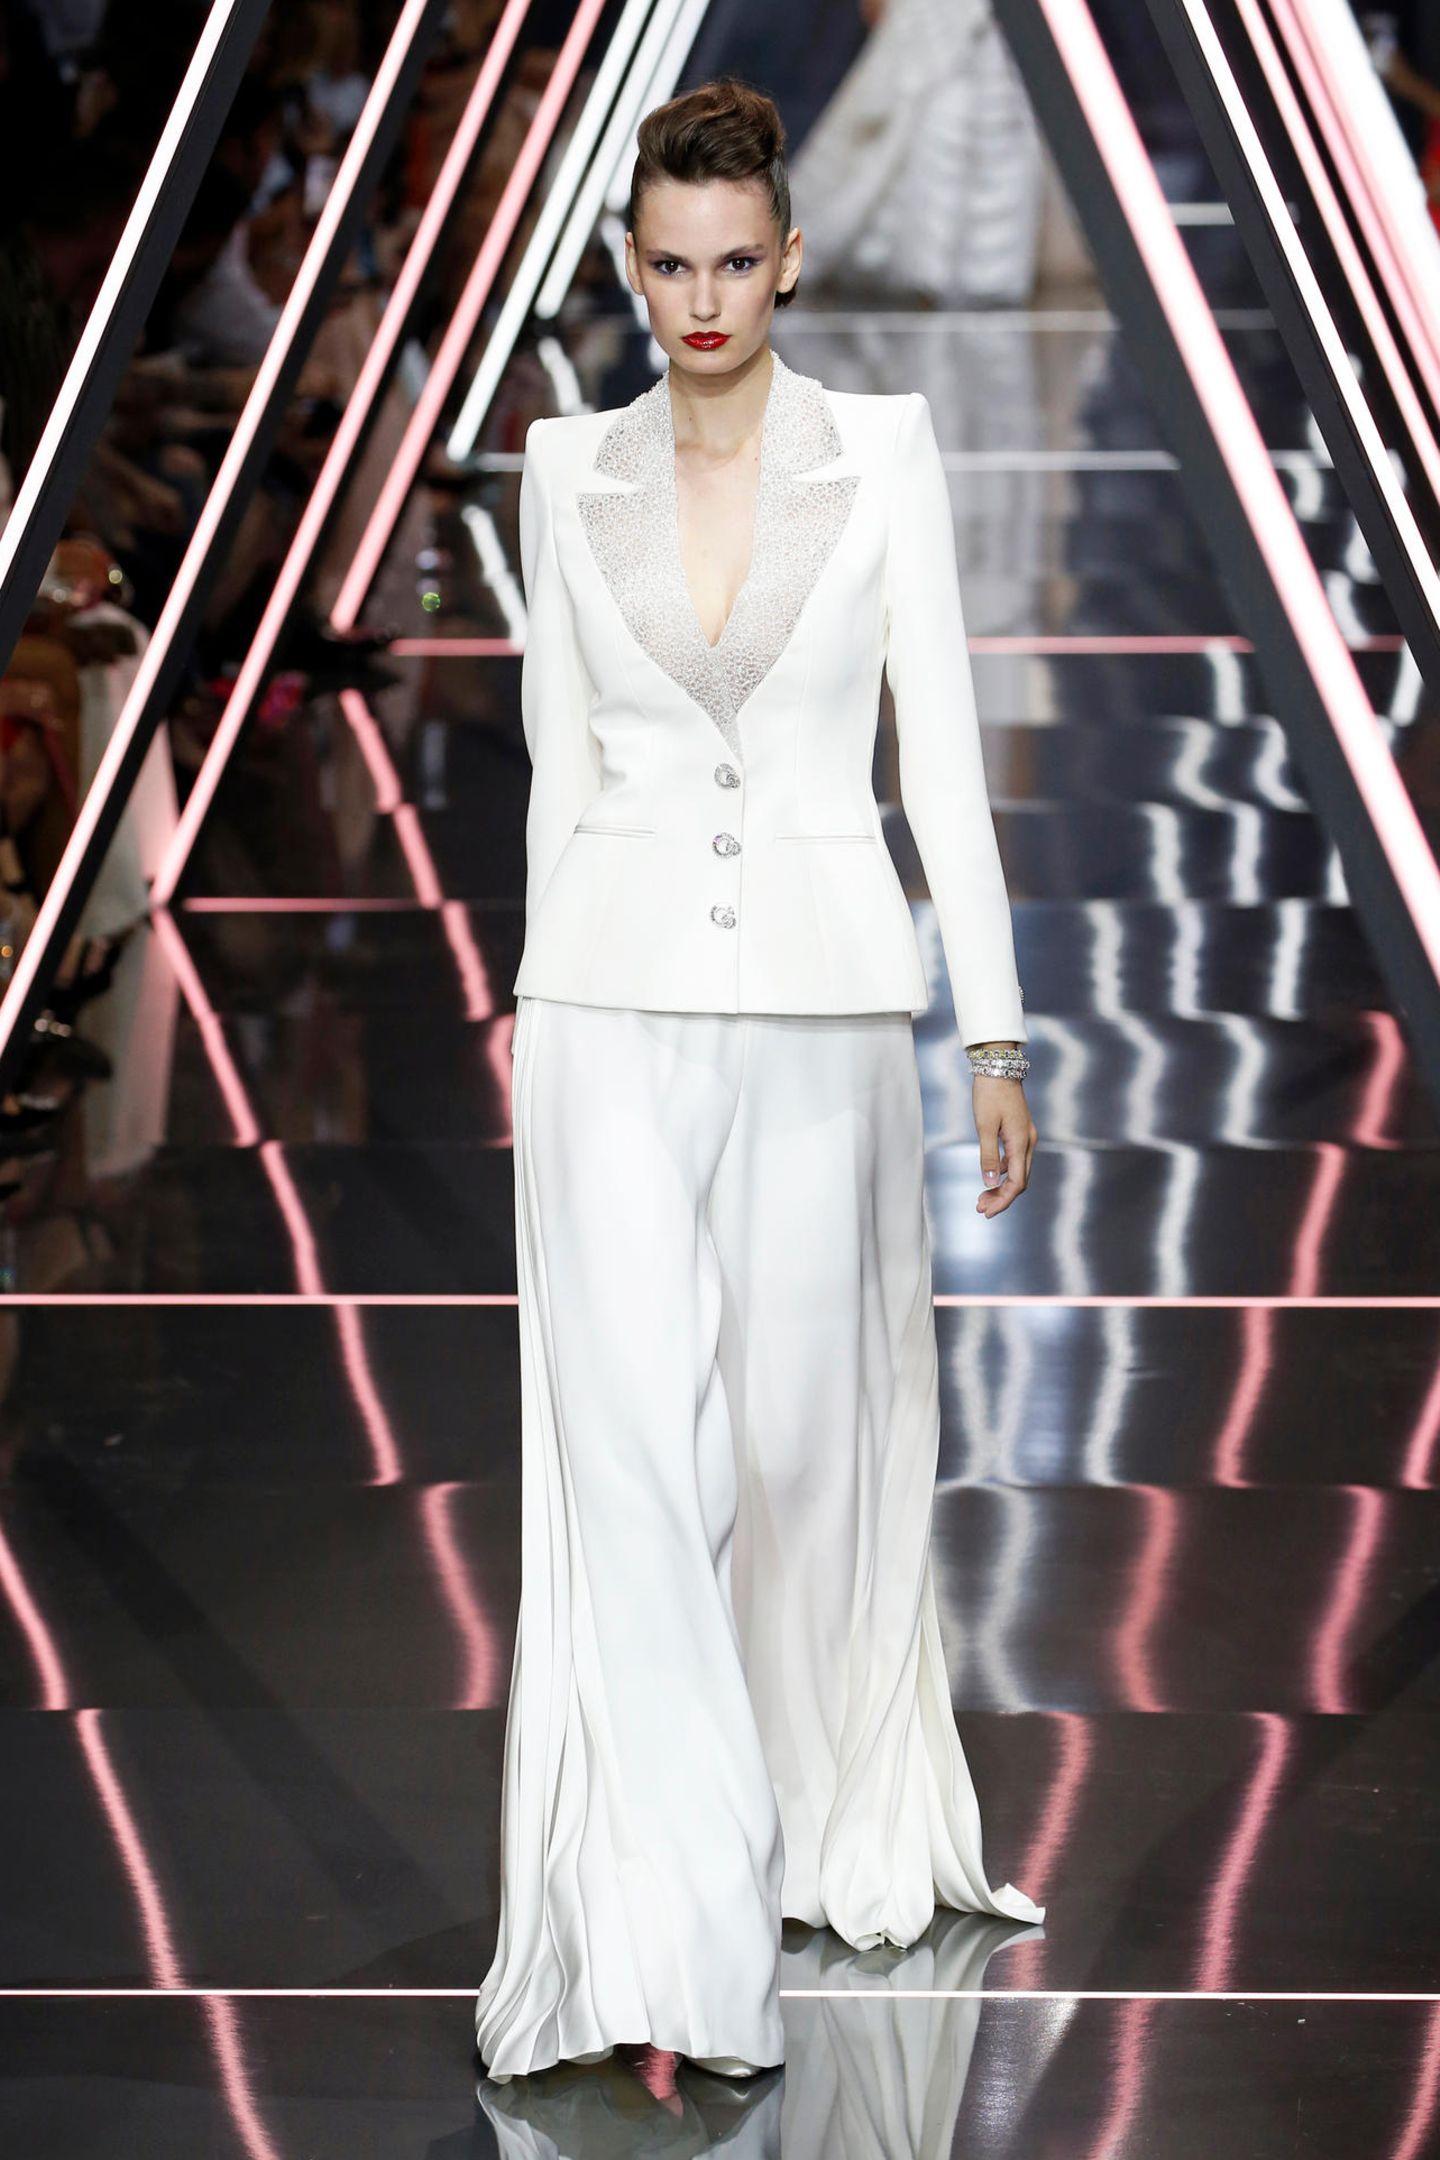 Auf dem Catwalk der Herbst/Winter 2018 Show des Designer-Duos zeigt das Model durch die fehlende Bluse Dekolleté. Welcher Look gefällt Ihnen besser?